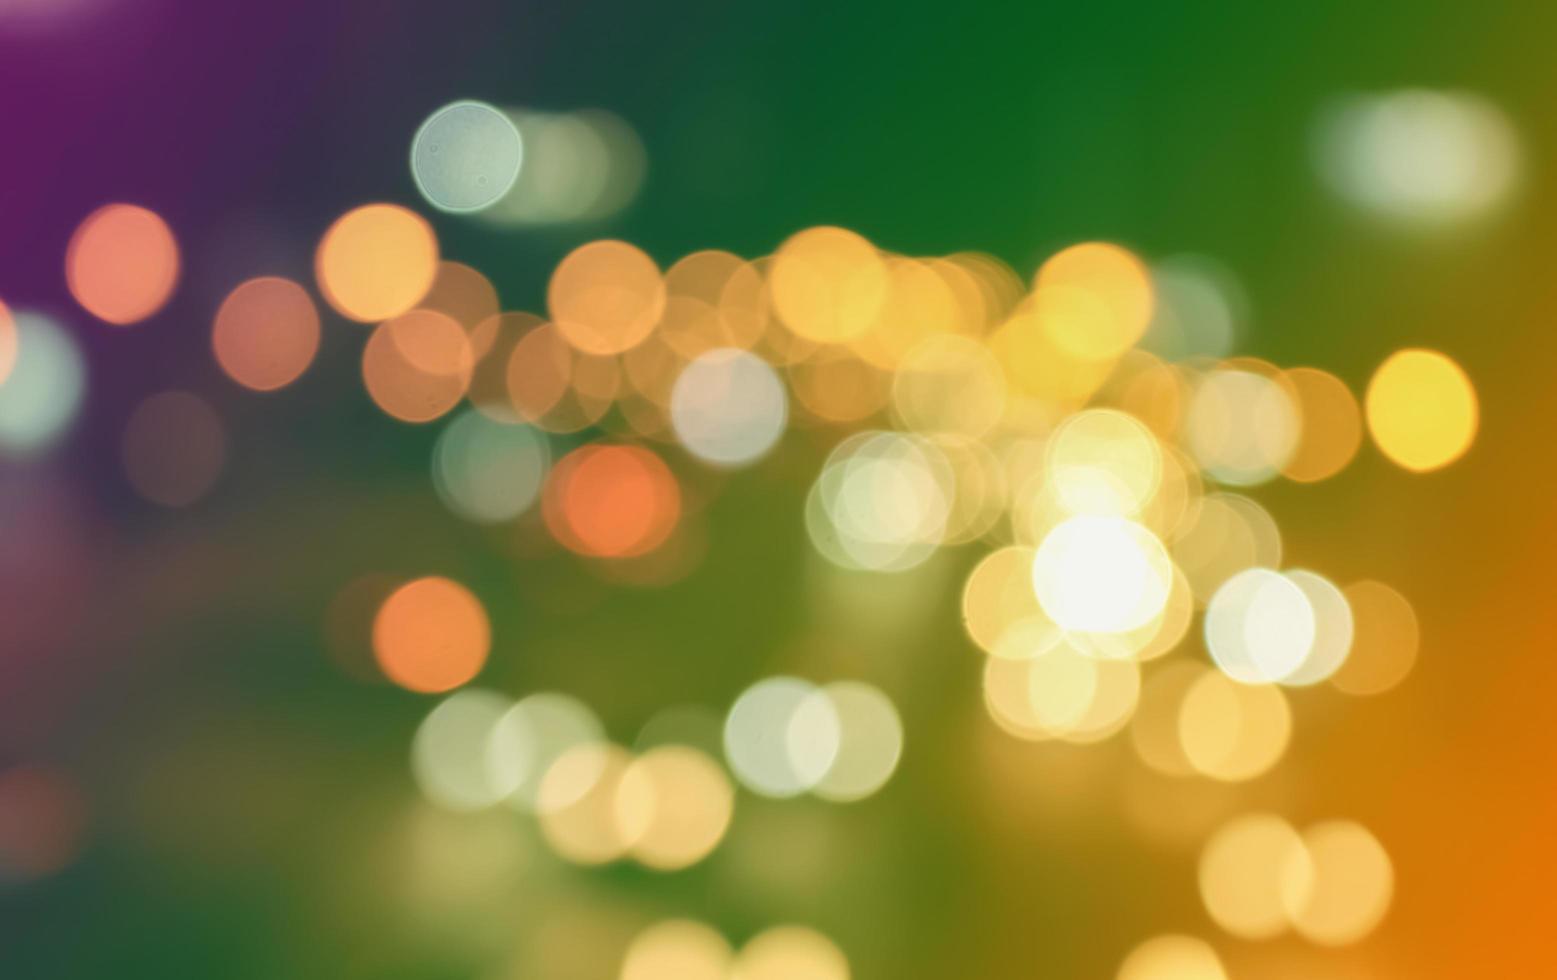 semafori colorati bokeh foto